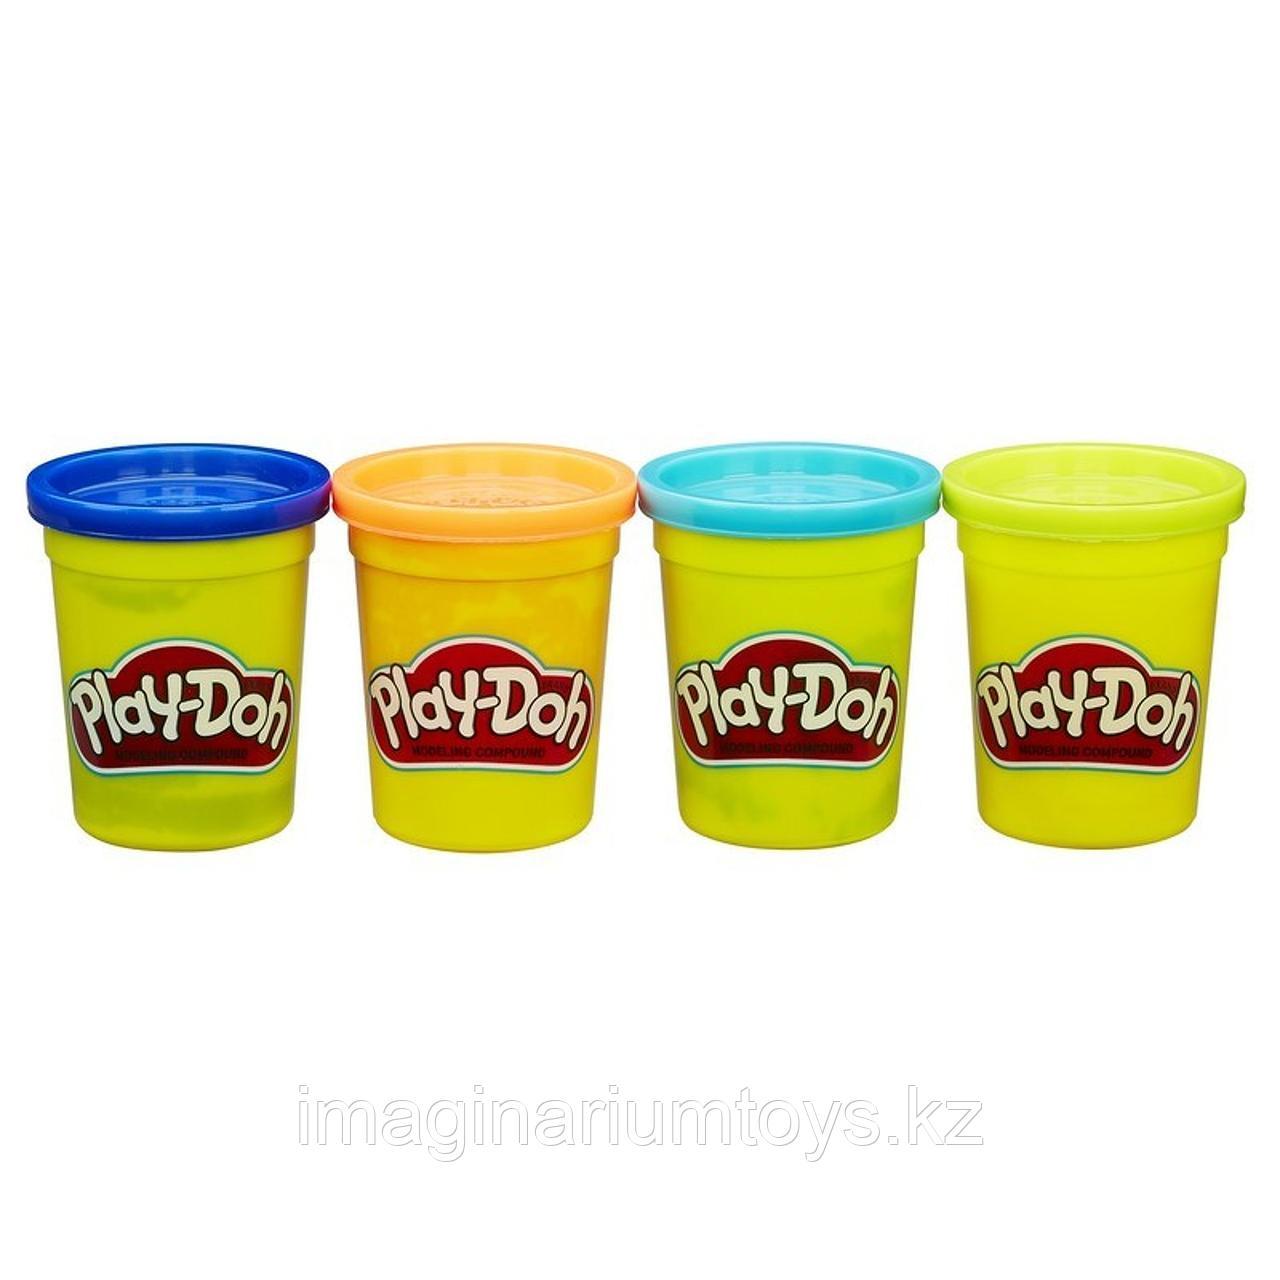 Пластилин детский Play-Doh набор 4 цвета в ассортименте - фото 3